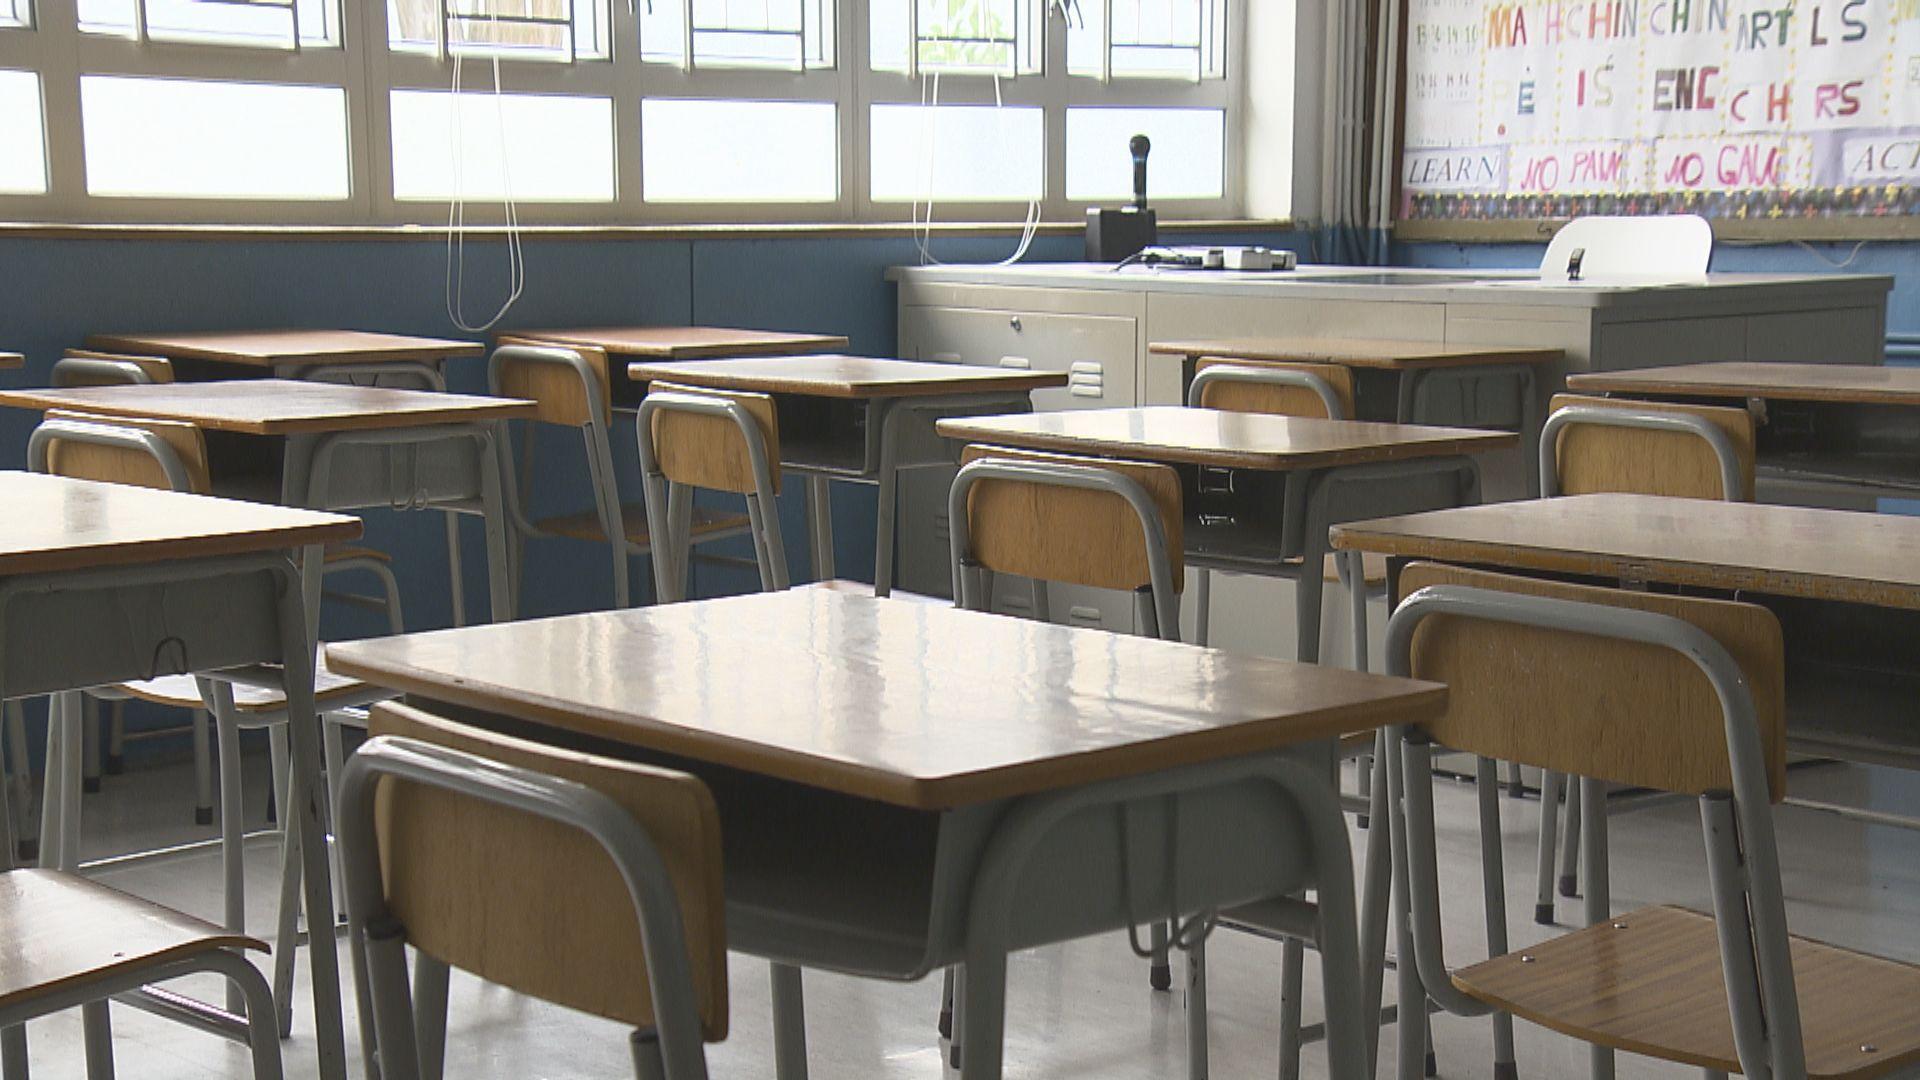 據了解遭教育局取消註冊教師來自九龍塘宣道小學